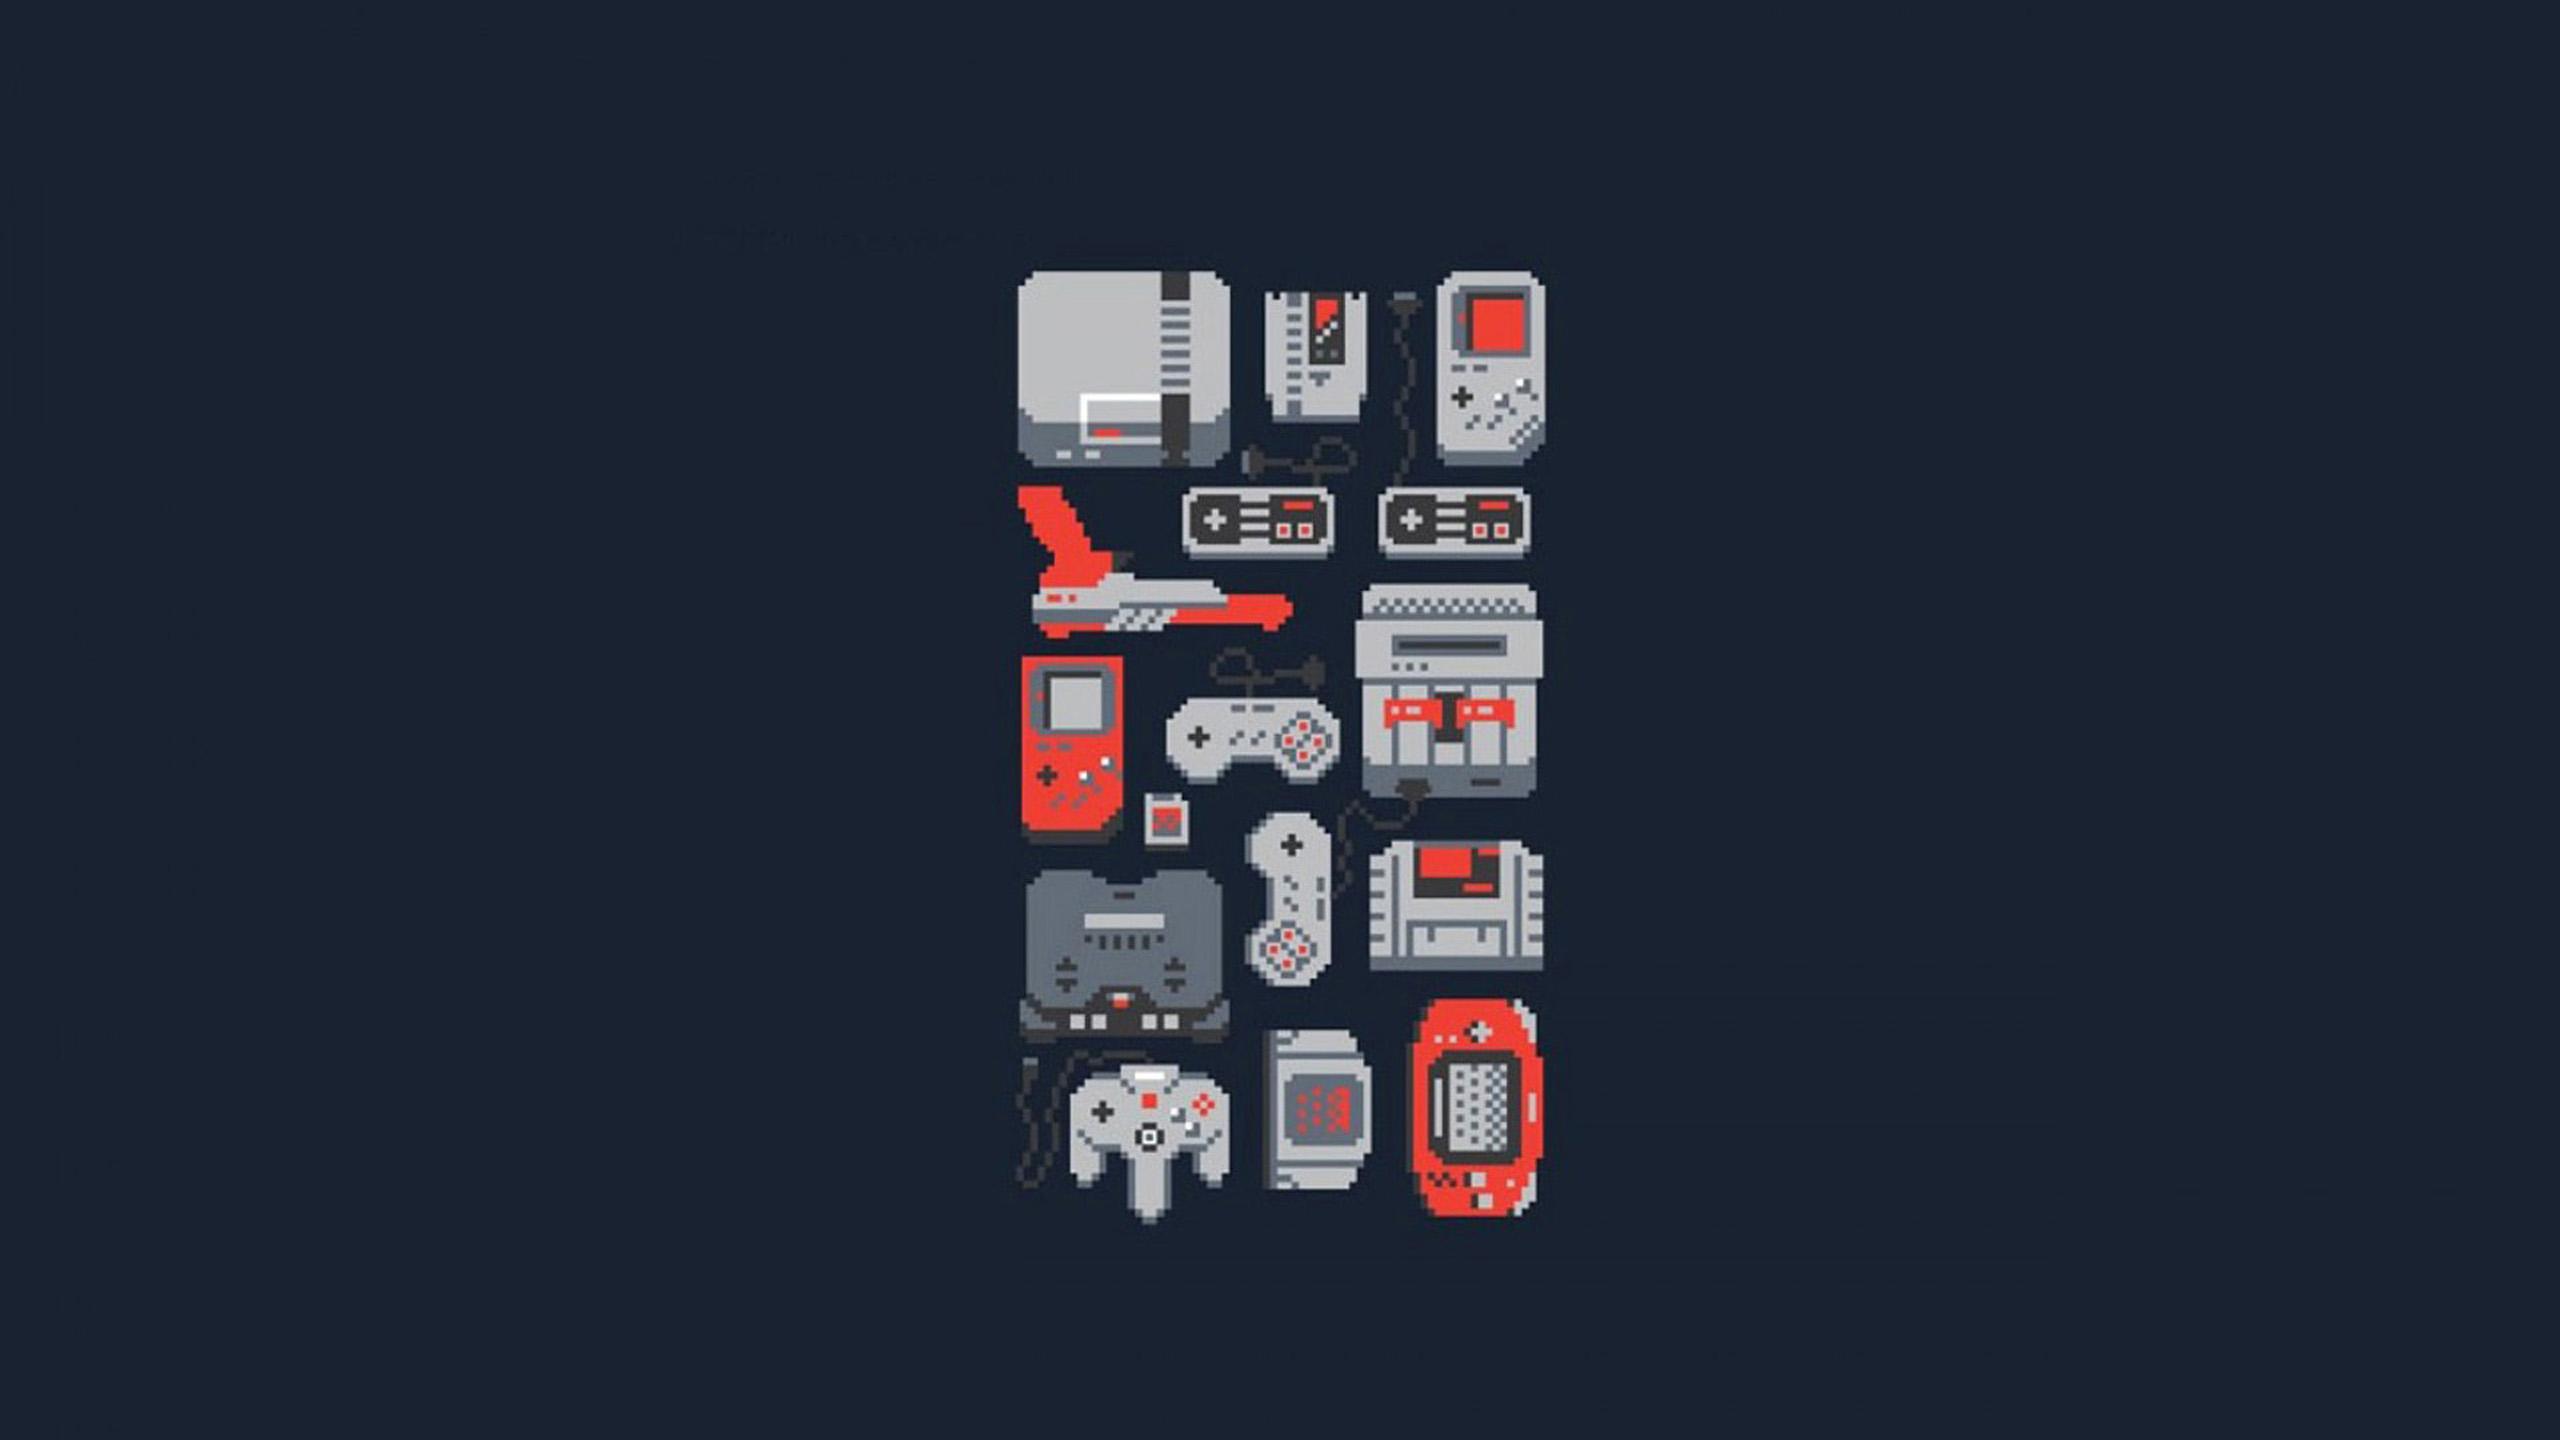 Retro Video Game Wallpapers - WallpaperSafari